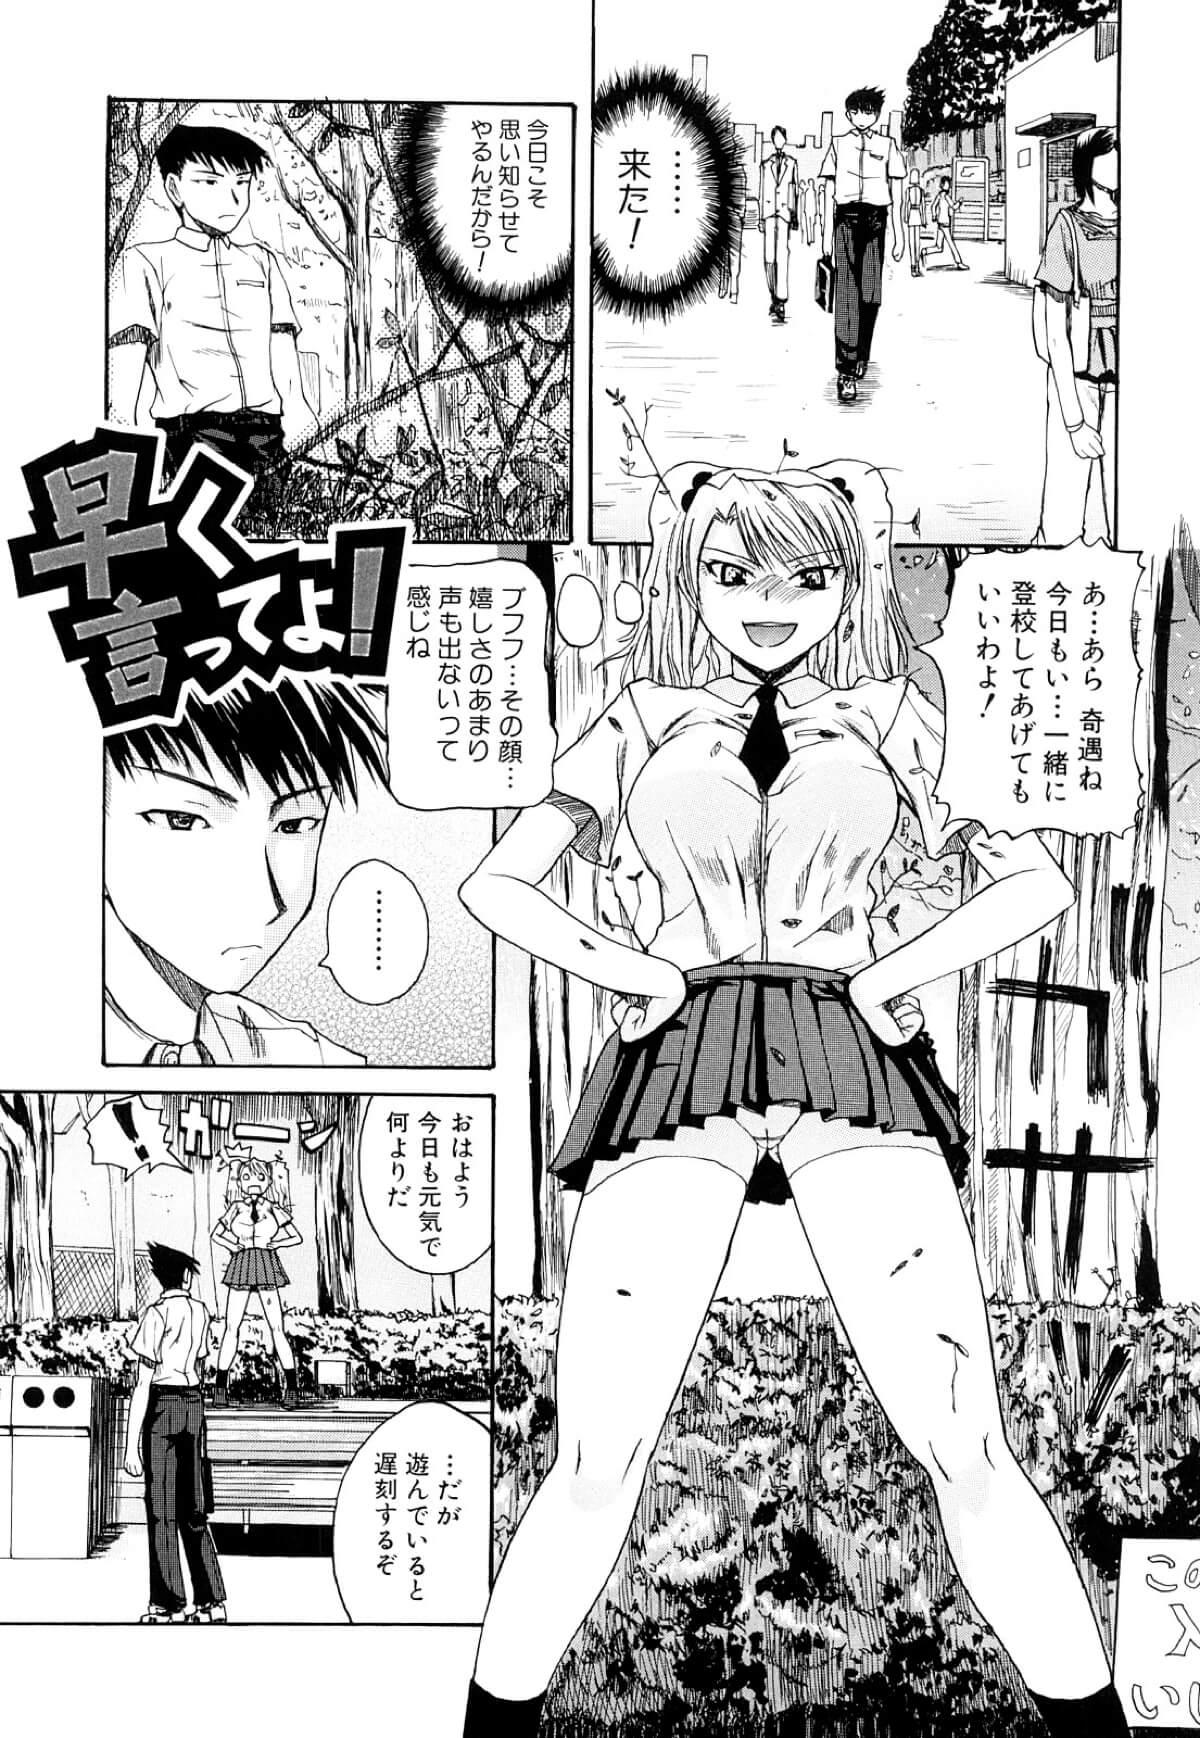 【エロ漫画・エロ同人】人気者のJKは鈍感な男子のことが好きで、想いが伝わらなすぎるあまりついに実力行使に出るwww